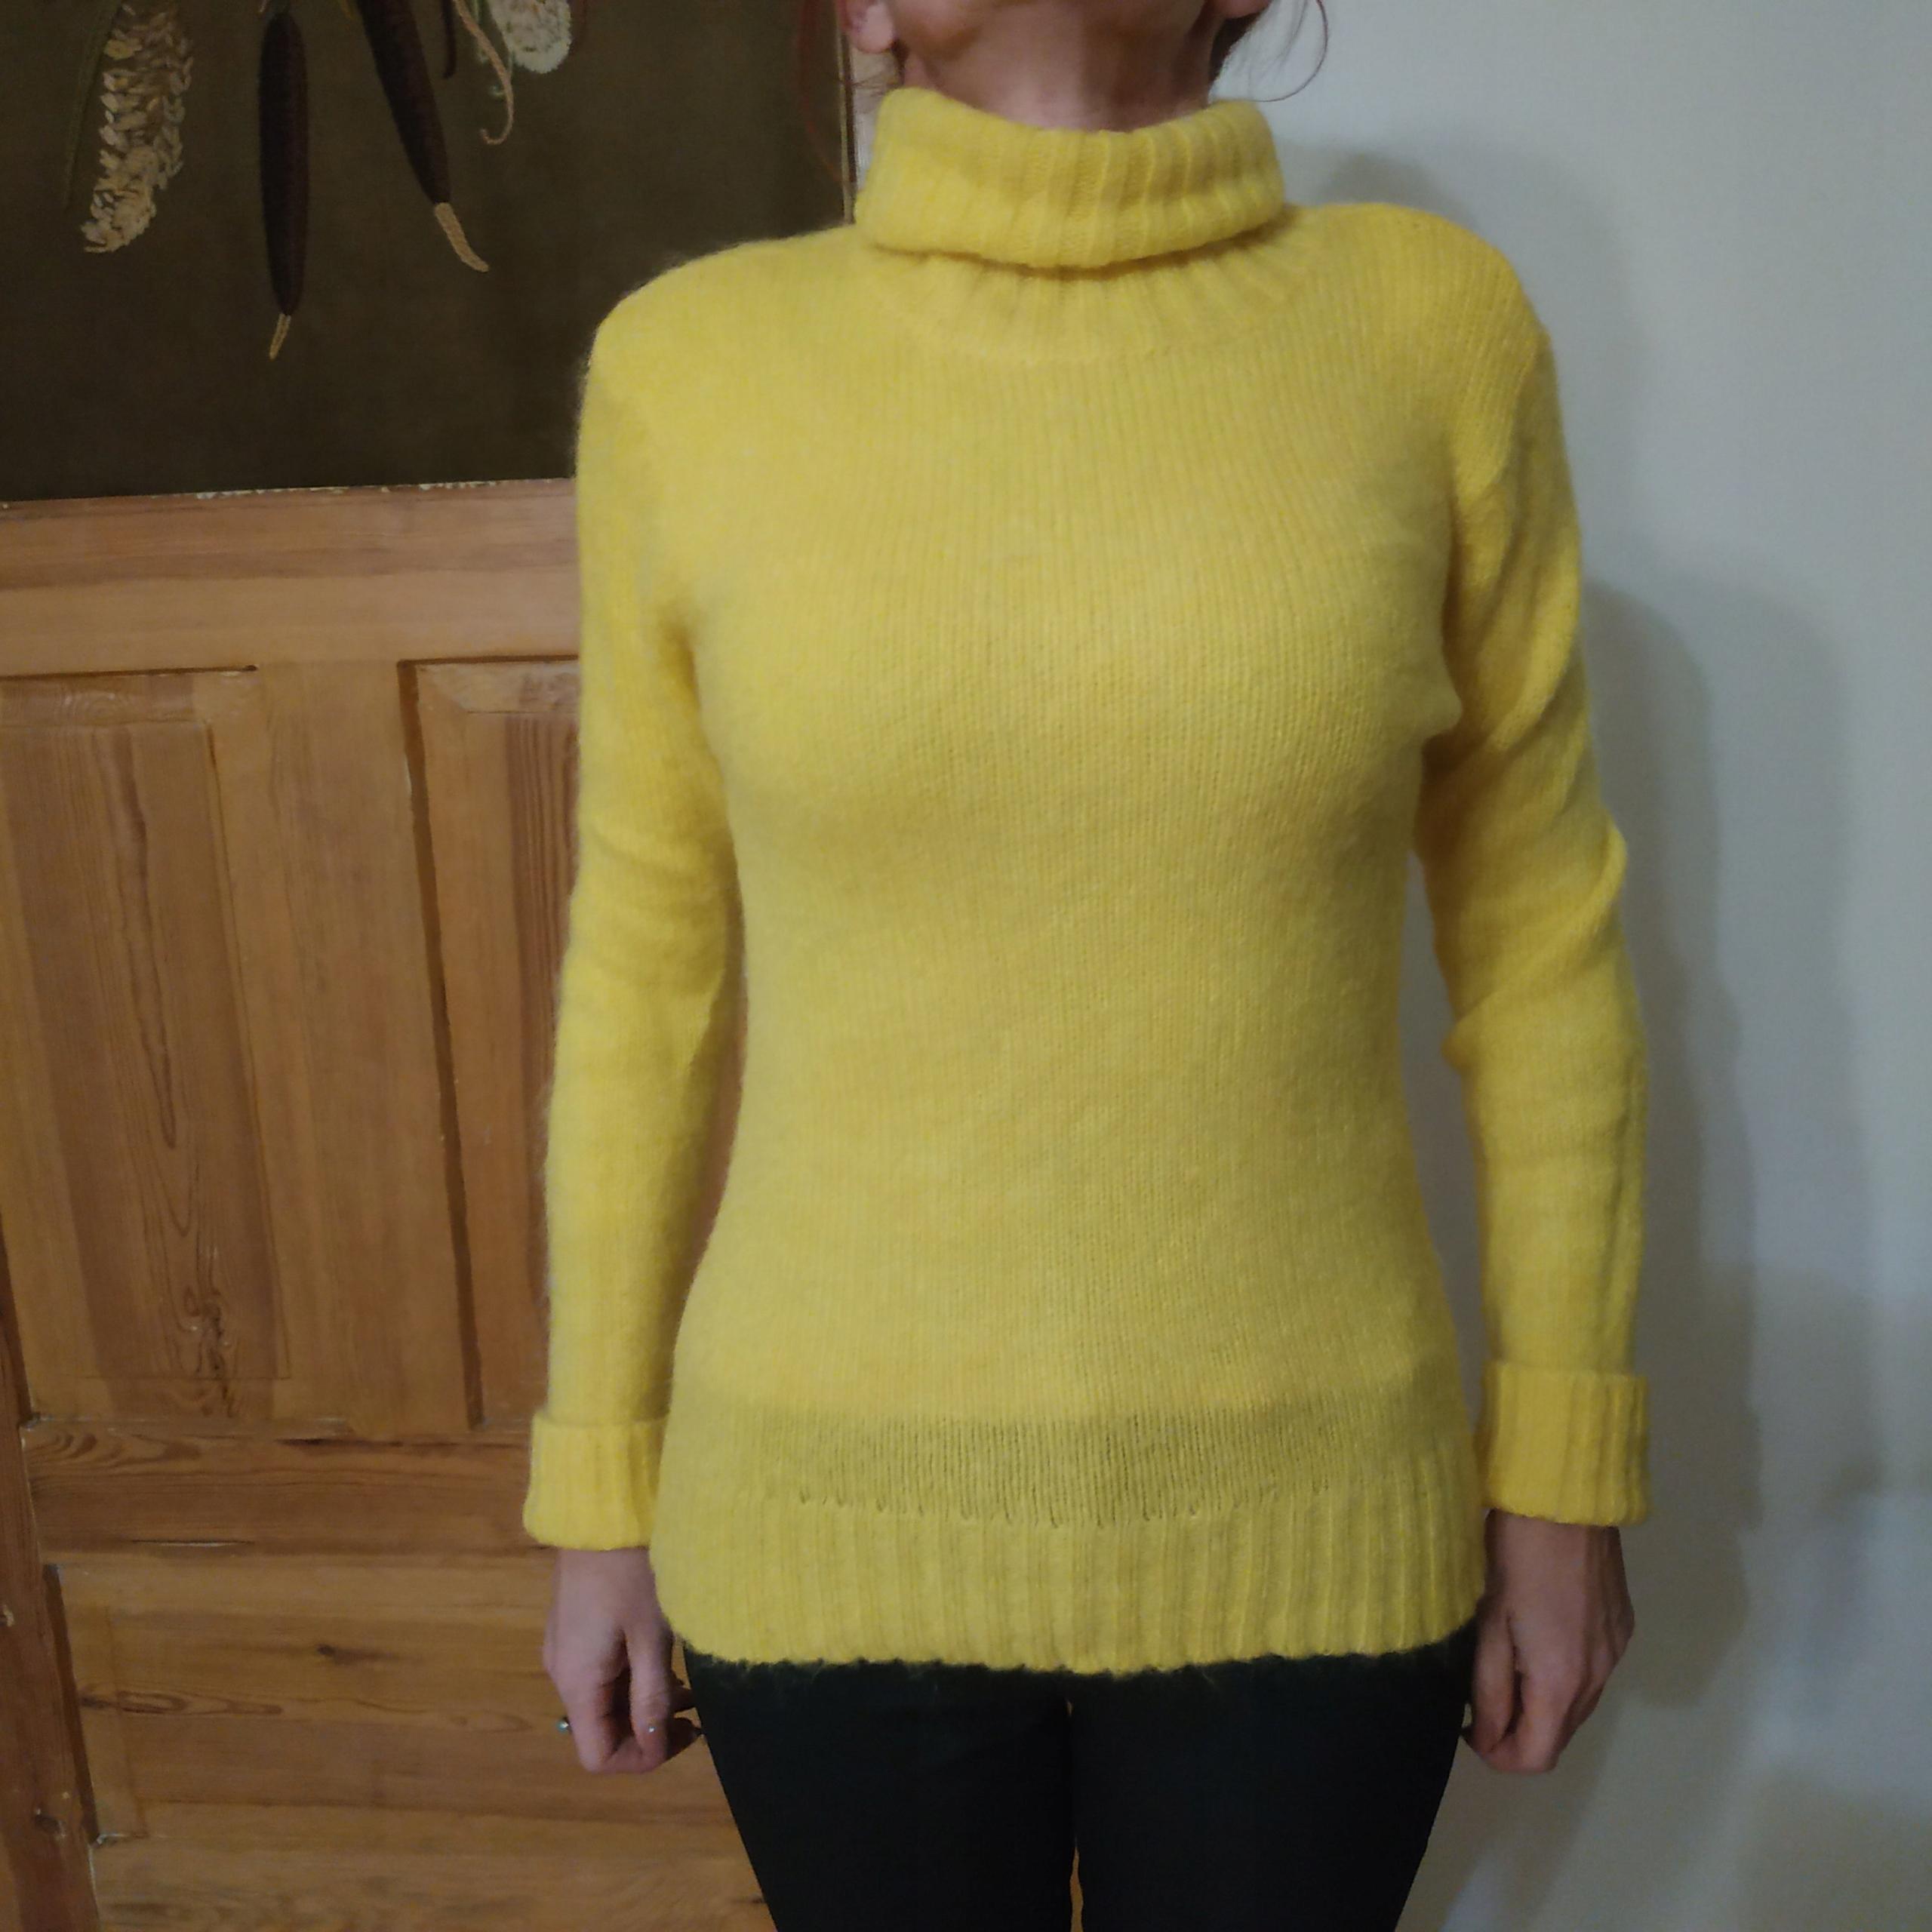 55f73053c181c4 sweter golf M żółty , moher, wełna - 7665479421 - oficjalne archiwum ...